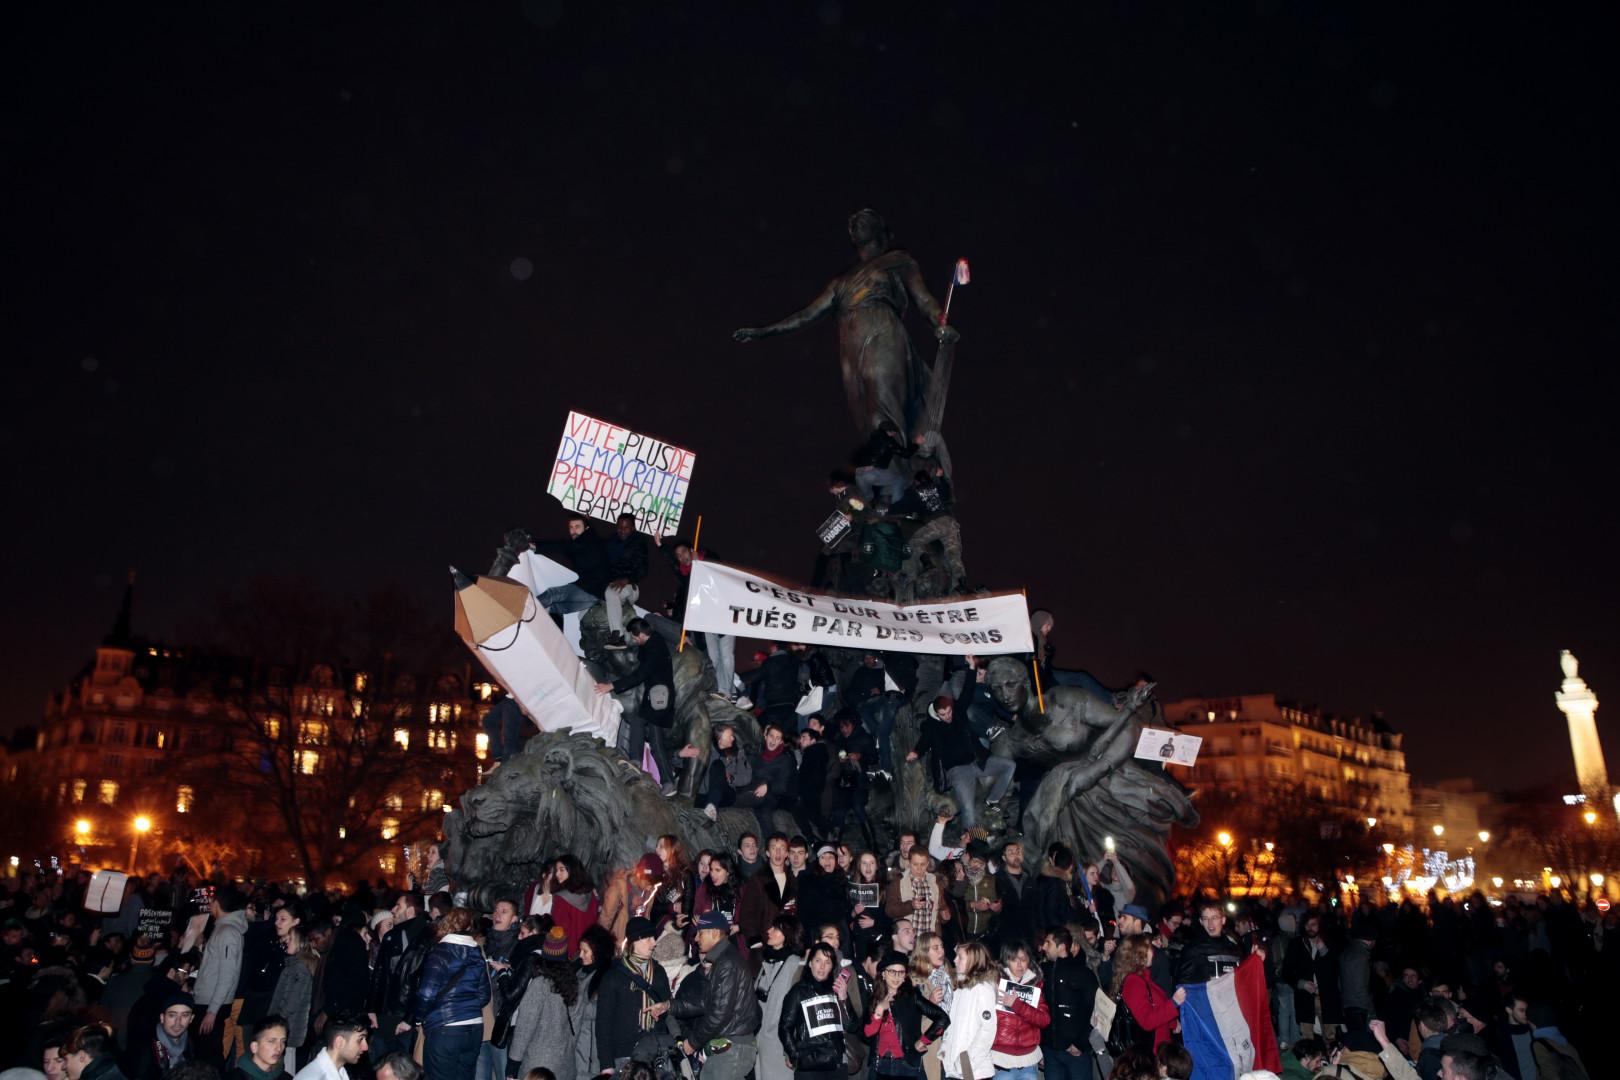 Malgré la tombée de la nuit, certains participants sont restés place de la Nation après la marche républicaine